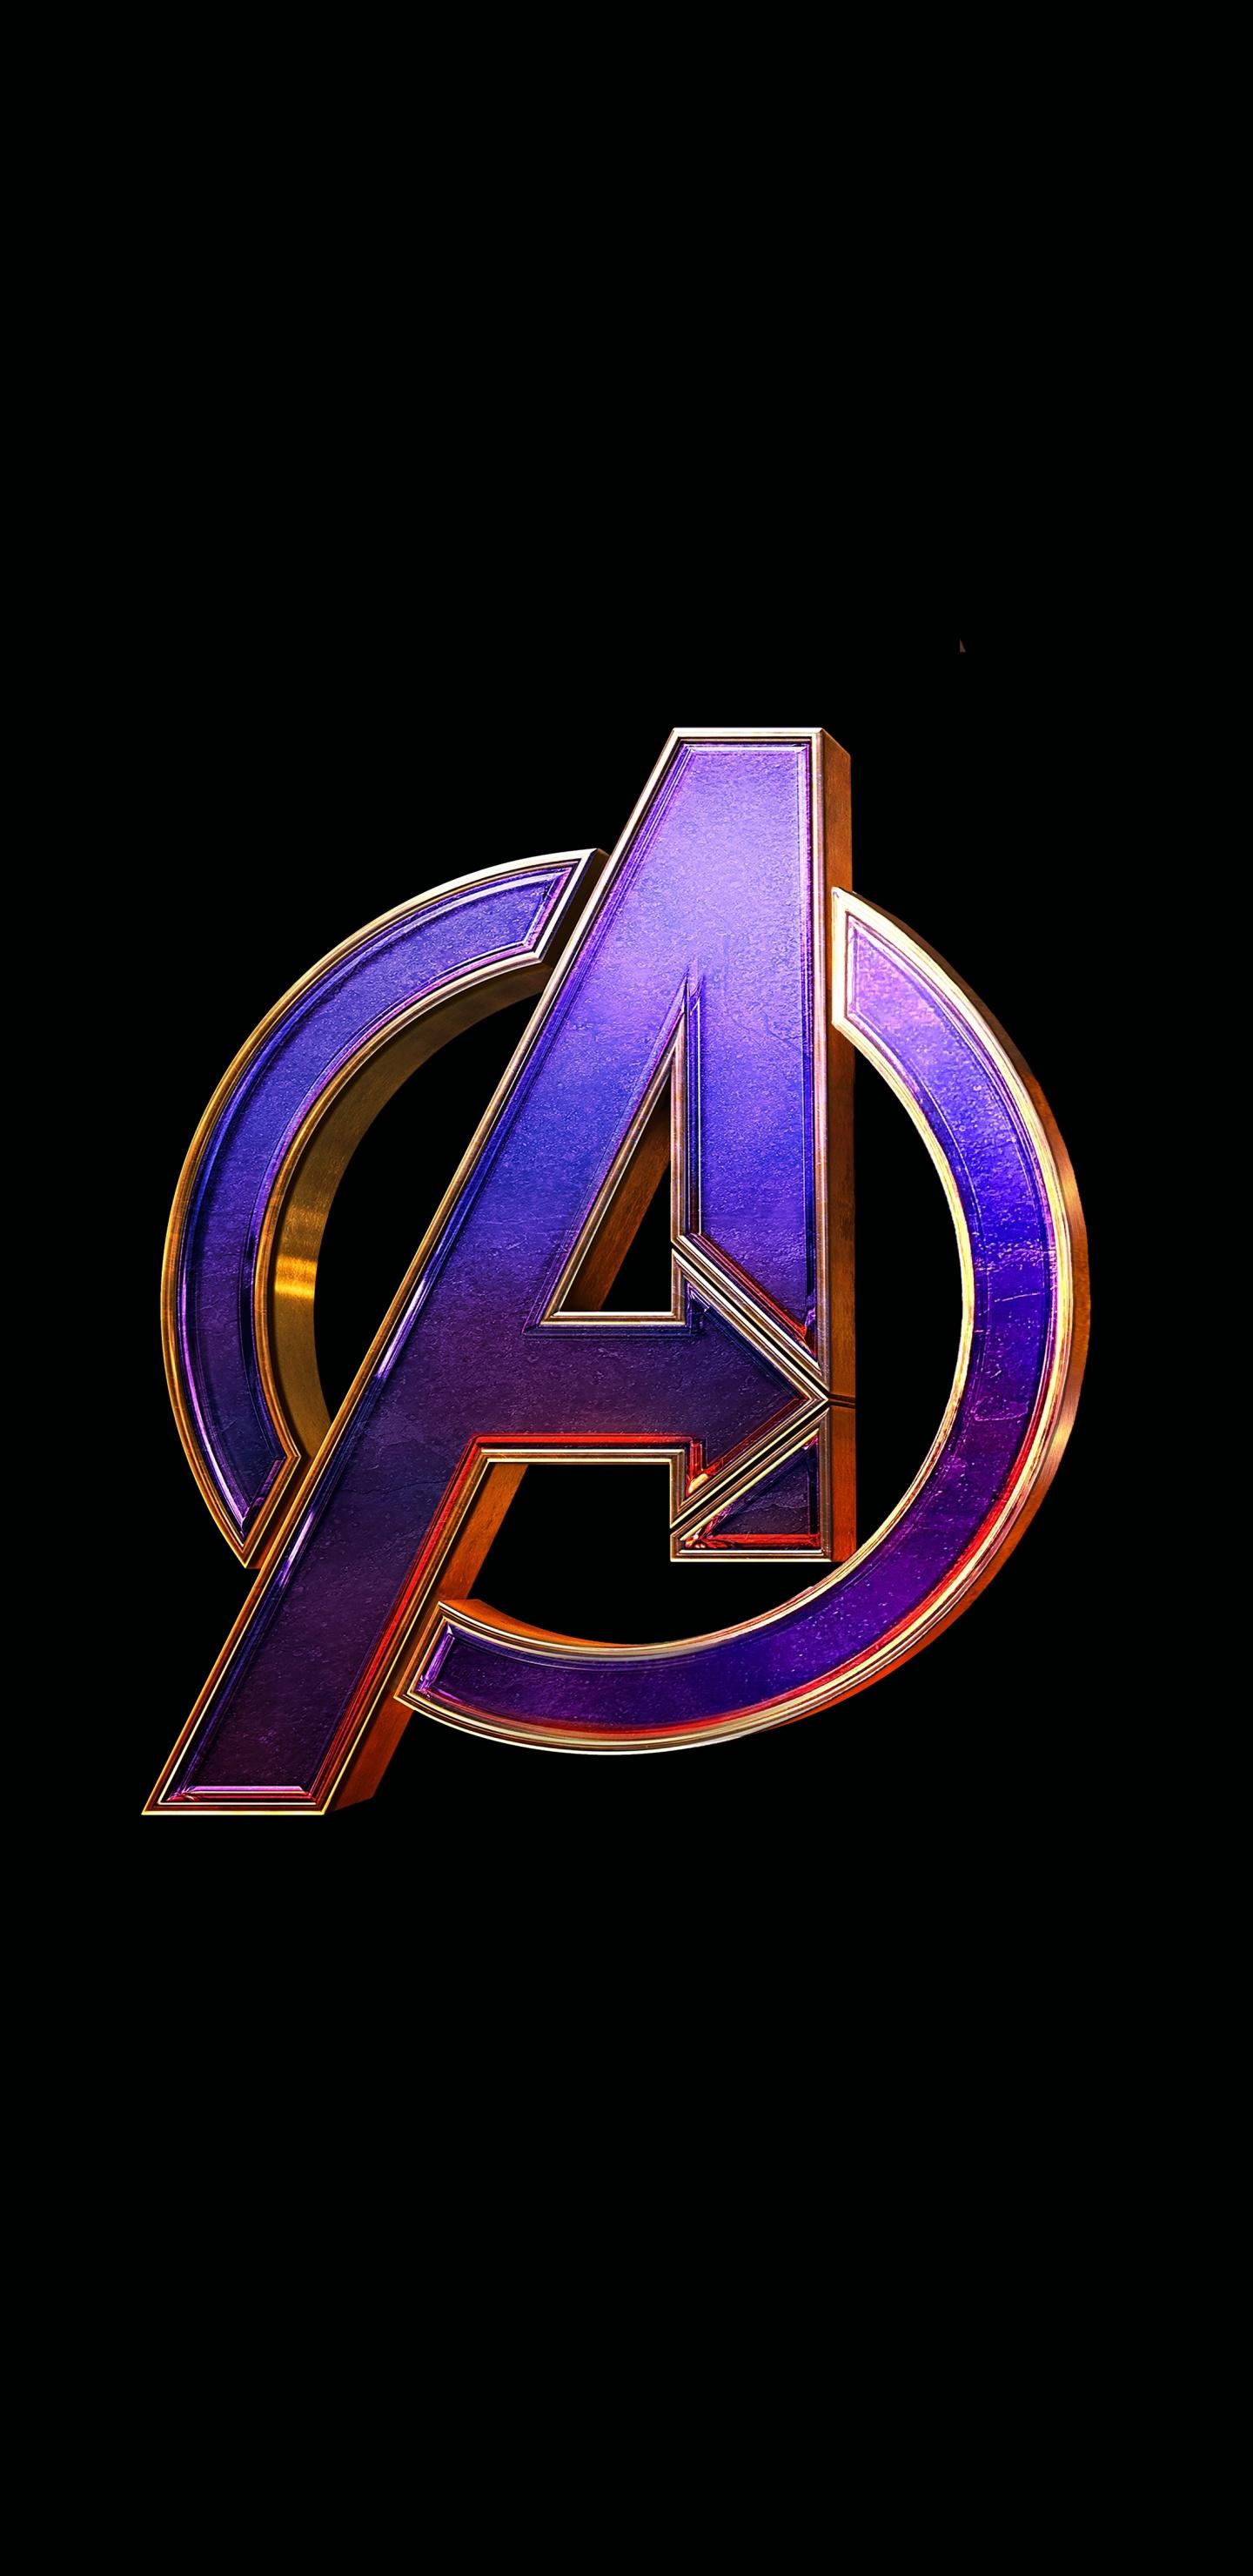 Download 1440x2960 wallpaper avengers: endgame, movie, logo.